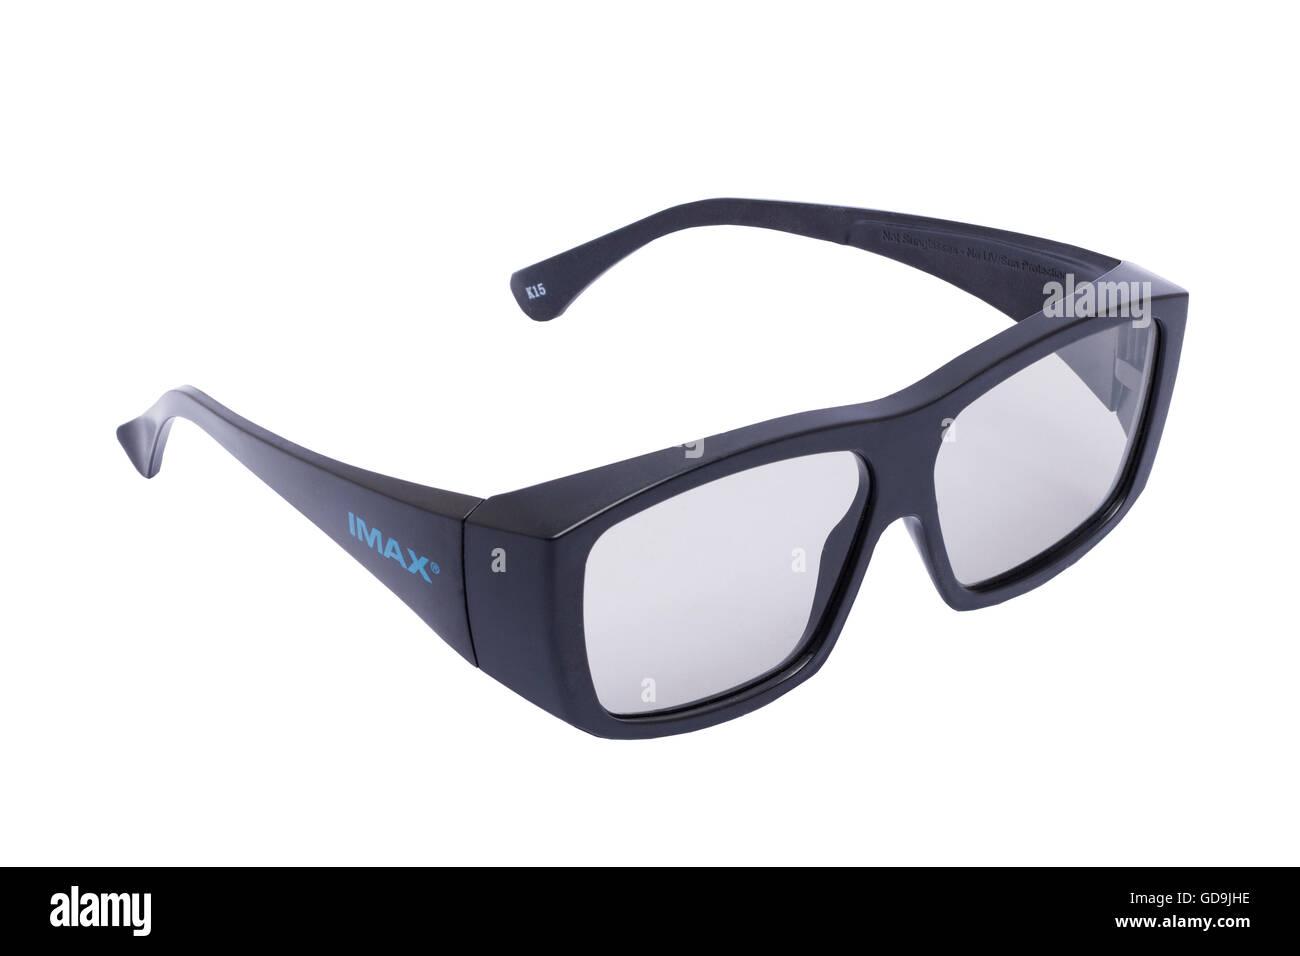 Una coppia di cinema IMAX 3d occhiali su sfondo bianco Immagini Stock